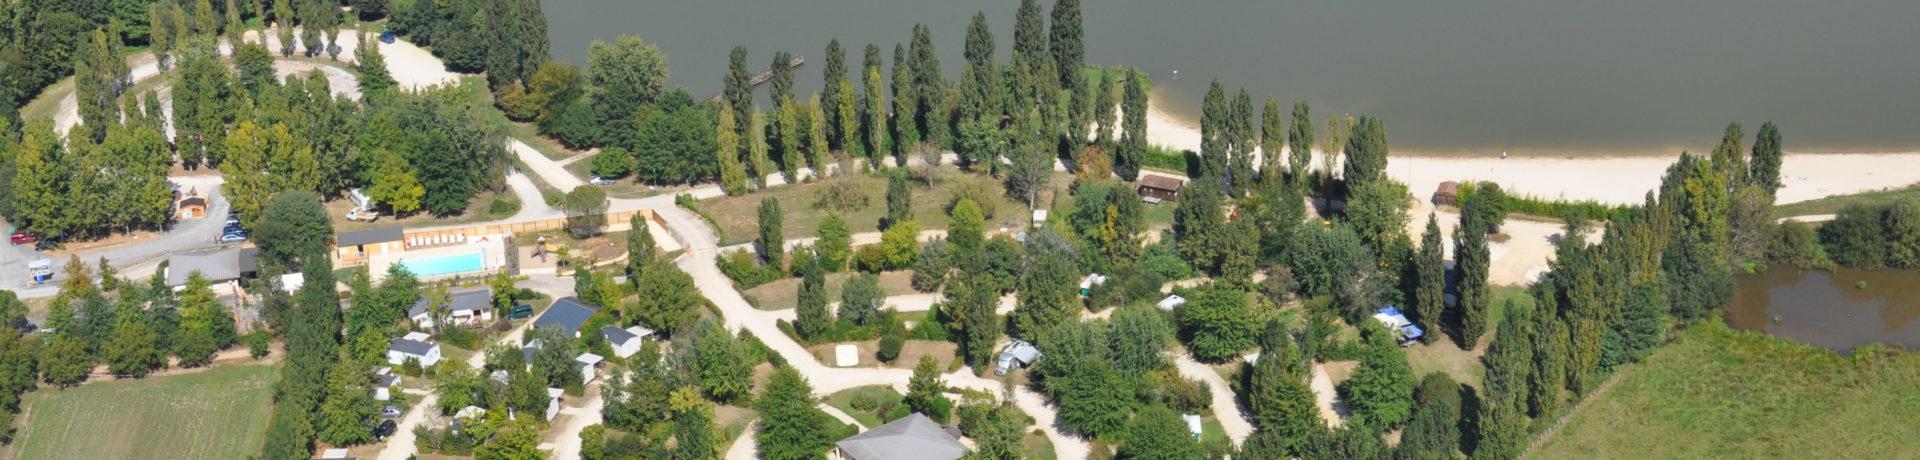 Midden in het hart van de Périgord, op slechts 12 km van Sarlat (Dordogne), geniet je bij Lac de Groléjac in een oase van rust met 95 schaduwrijke kampeerplaatsen.